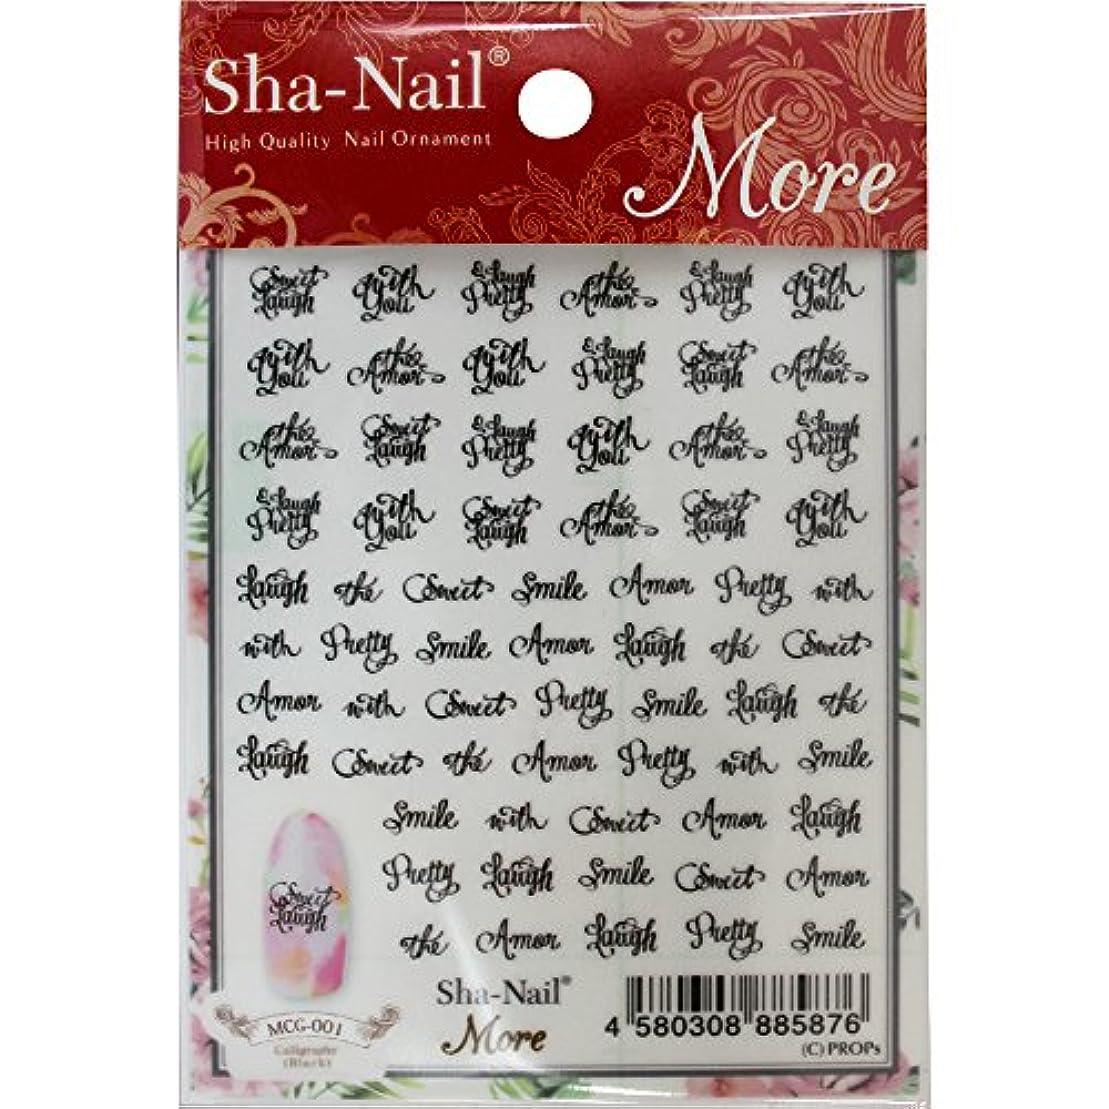 統合メタン公平Sha-Nail More ネイルシール カリグラフィー ブラック アート材